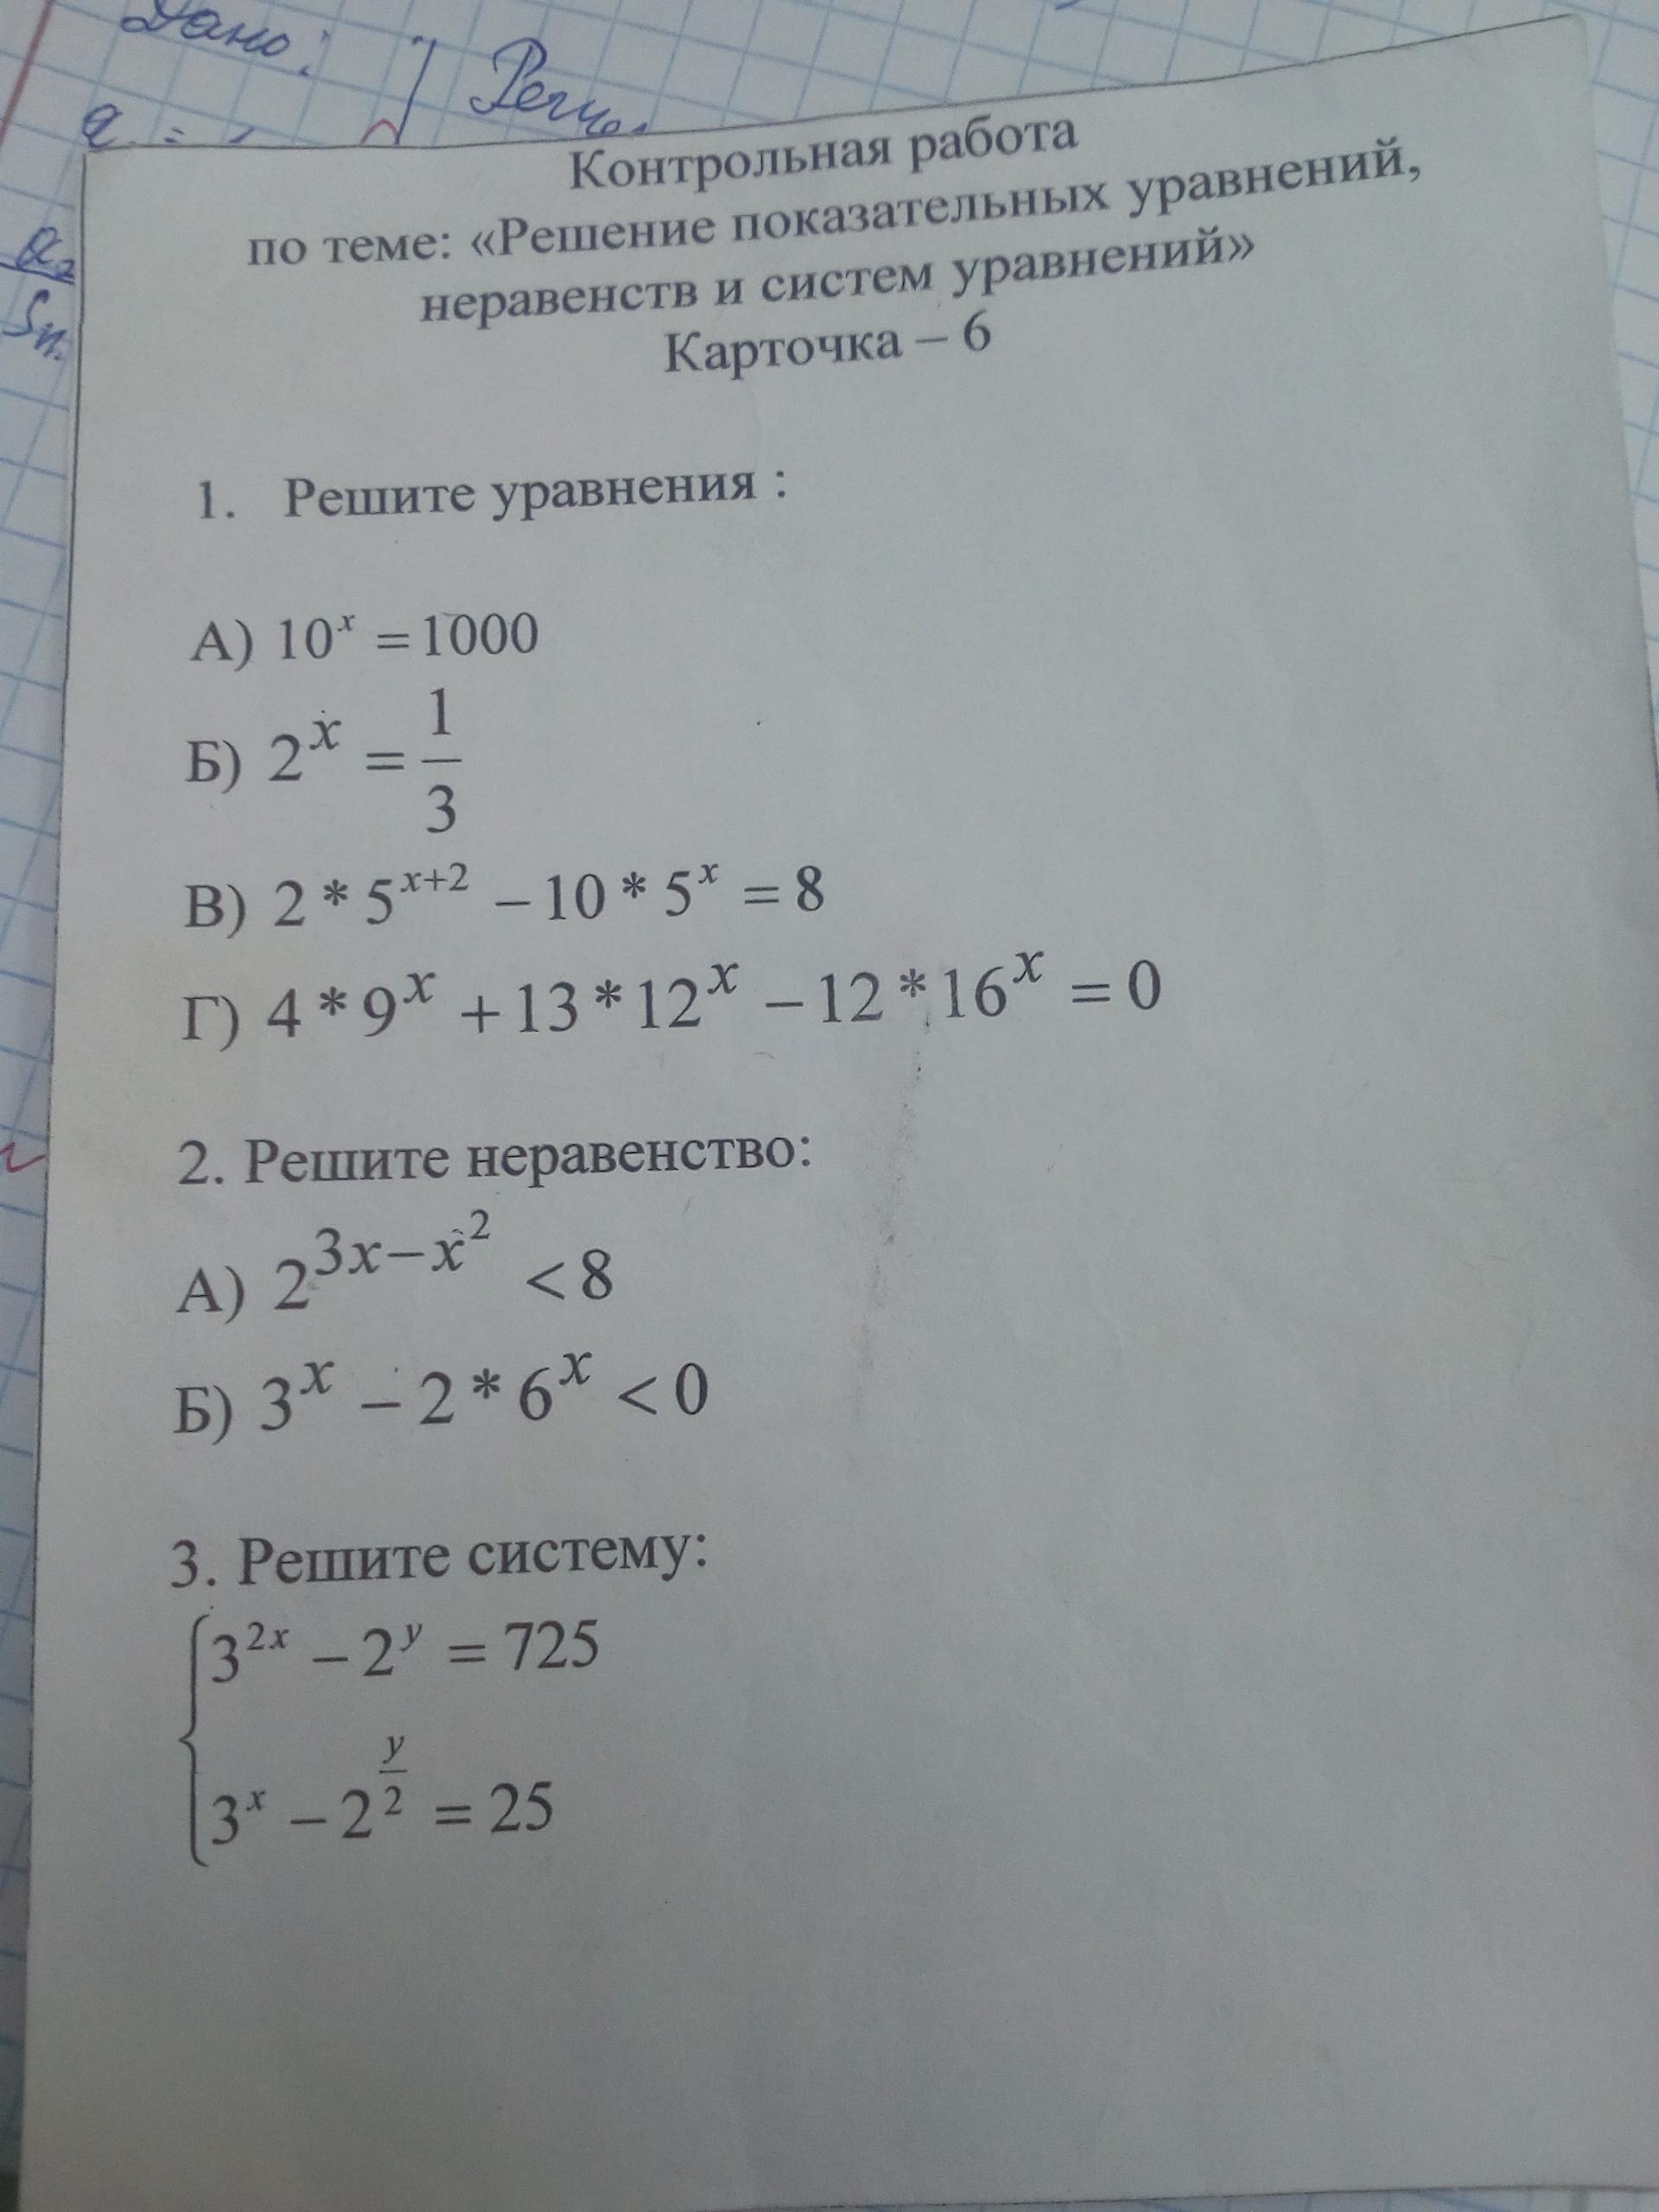 Курсовая работа графическое решение показательных уравнений 2987